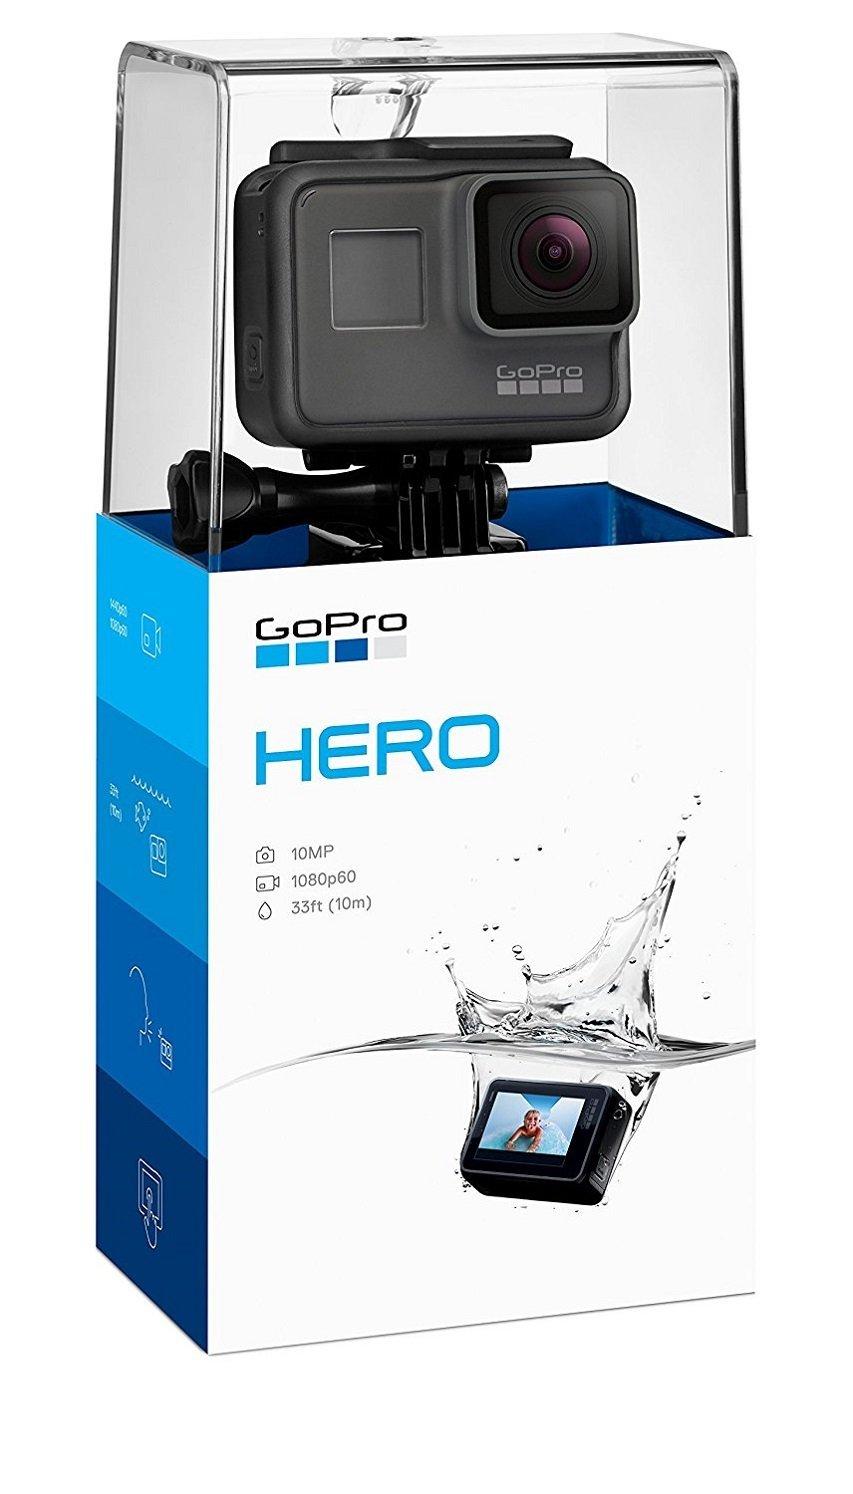 """GoPro Hero (2018) - Videocámara de acción (10 MP, vídeo 1080p, resistente y sumergible hasta 10m sin carcasa, pantalla táctil de 2"""", control por voz, Wi-Fi/Bluetooth), color negro"""